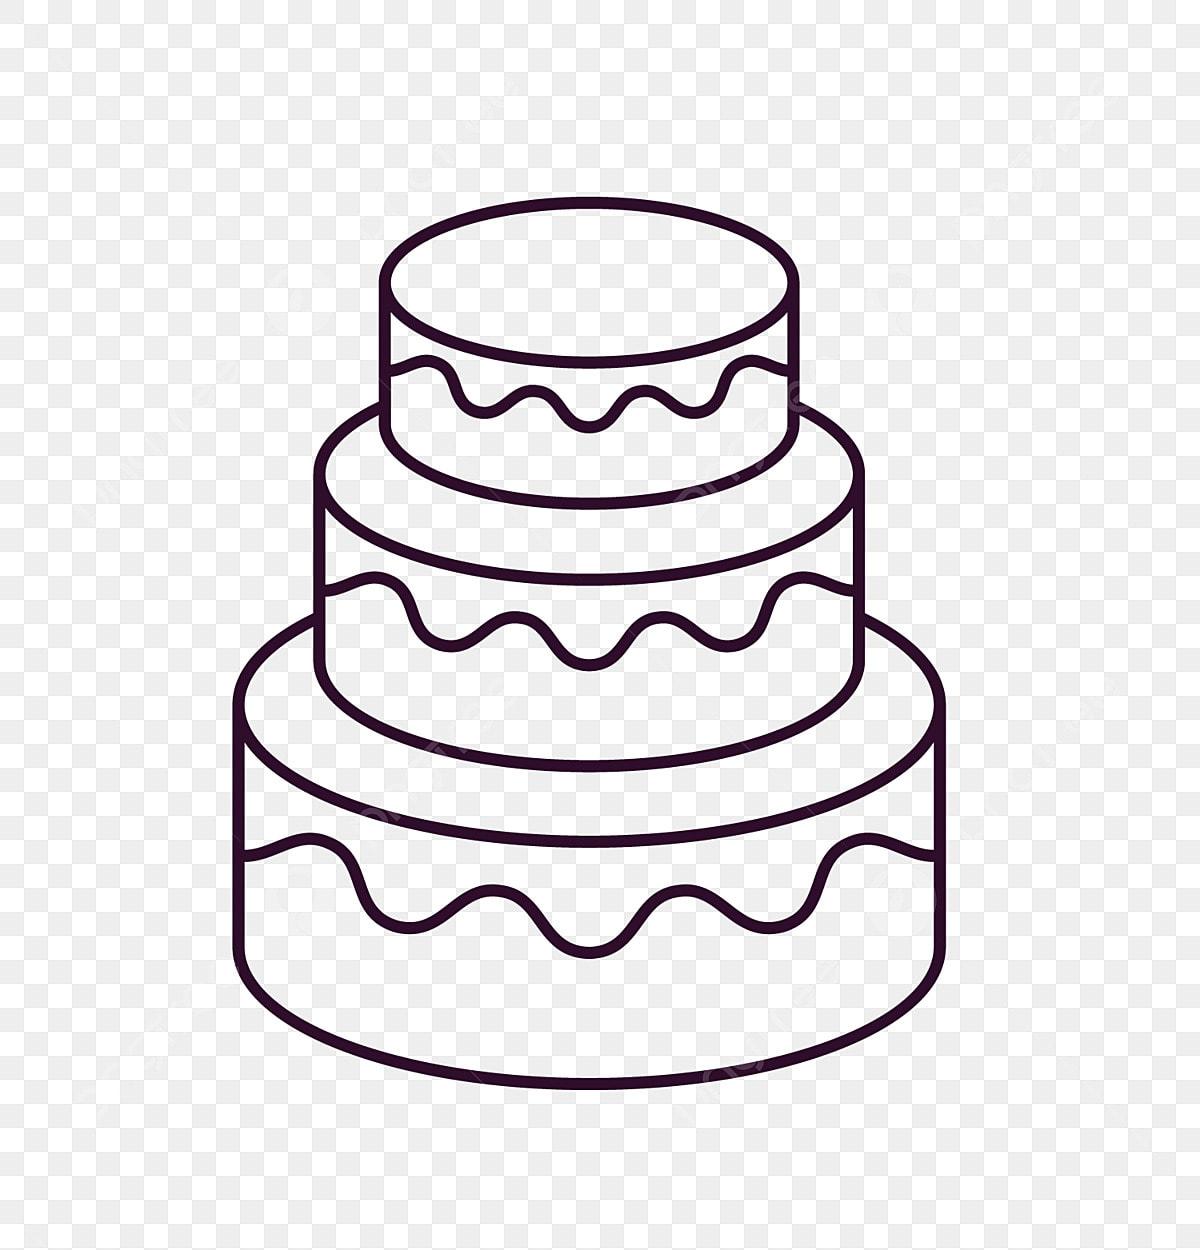 Dessin Au Trait Noir Et Blanc Gâteau à Trois Couches Gâteau